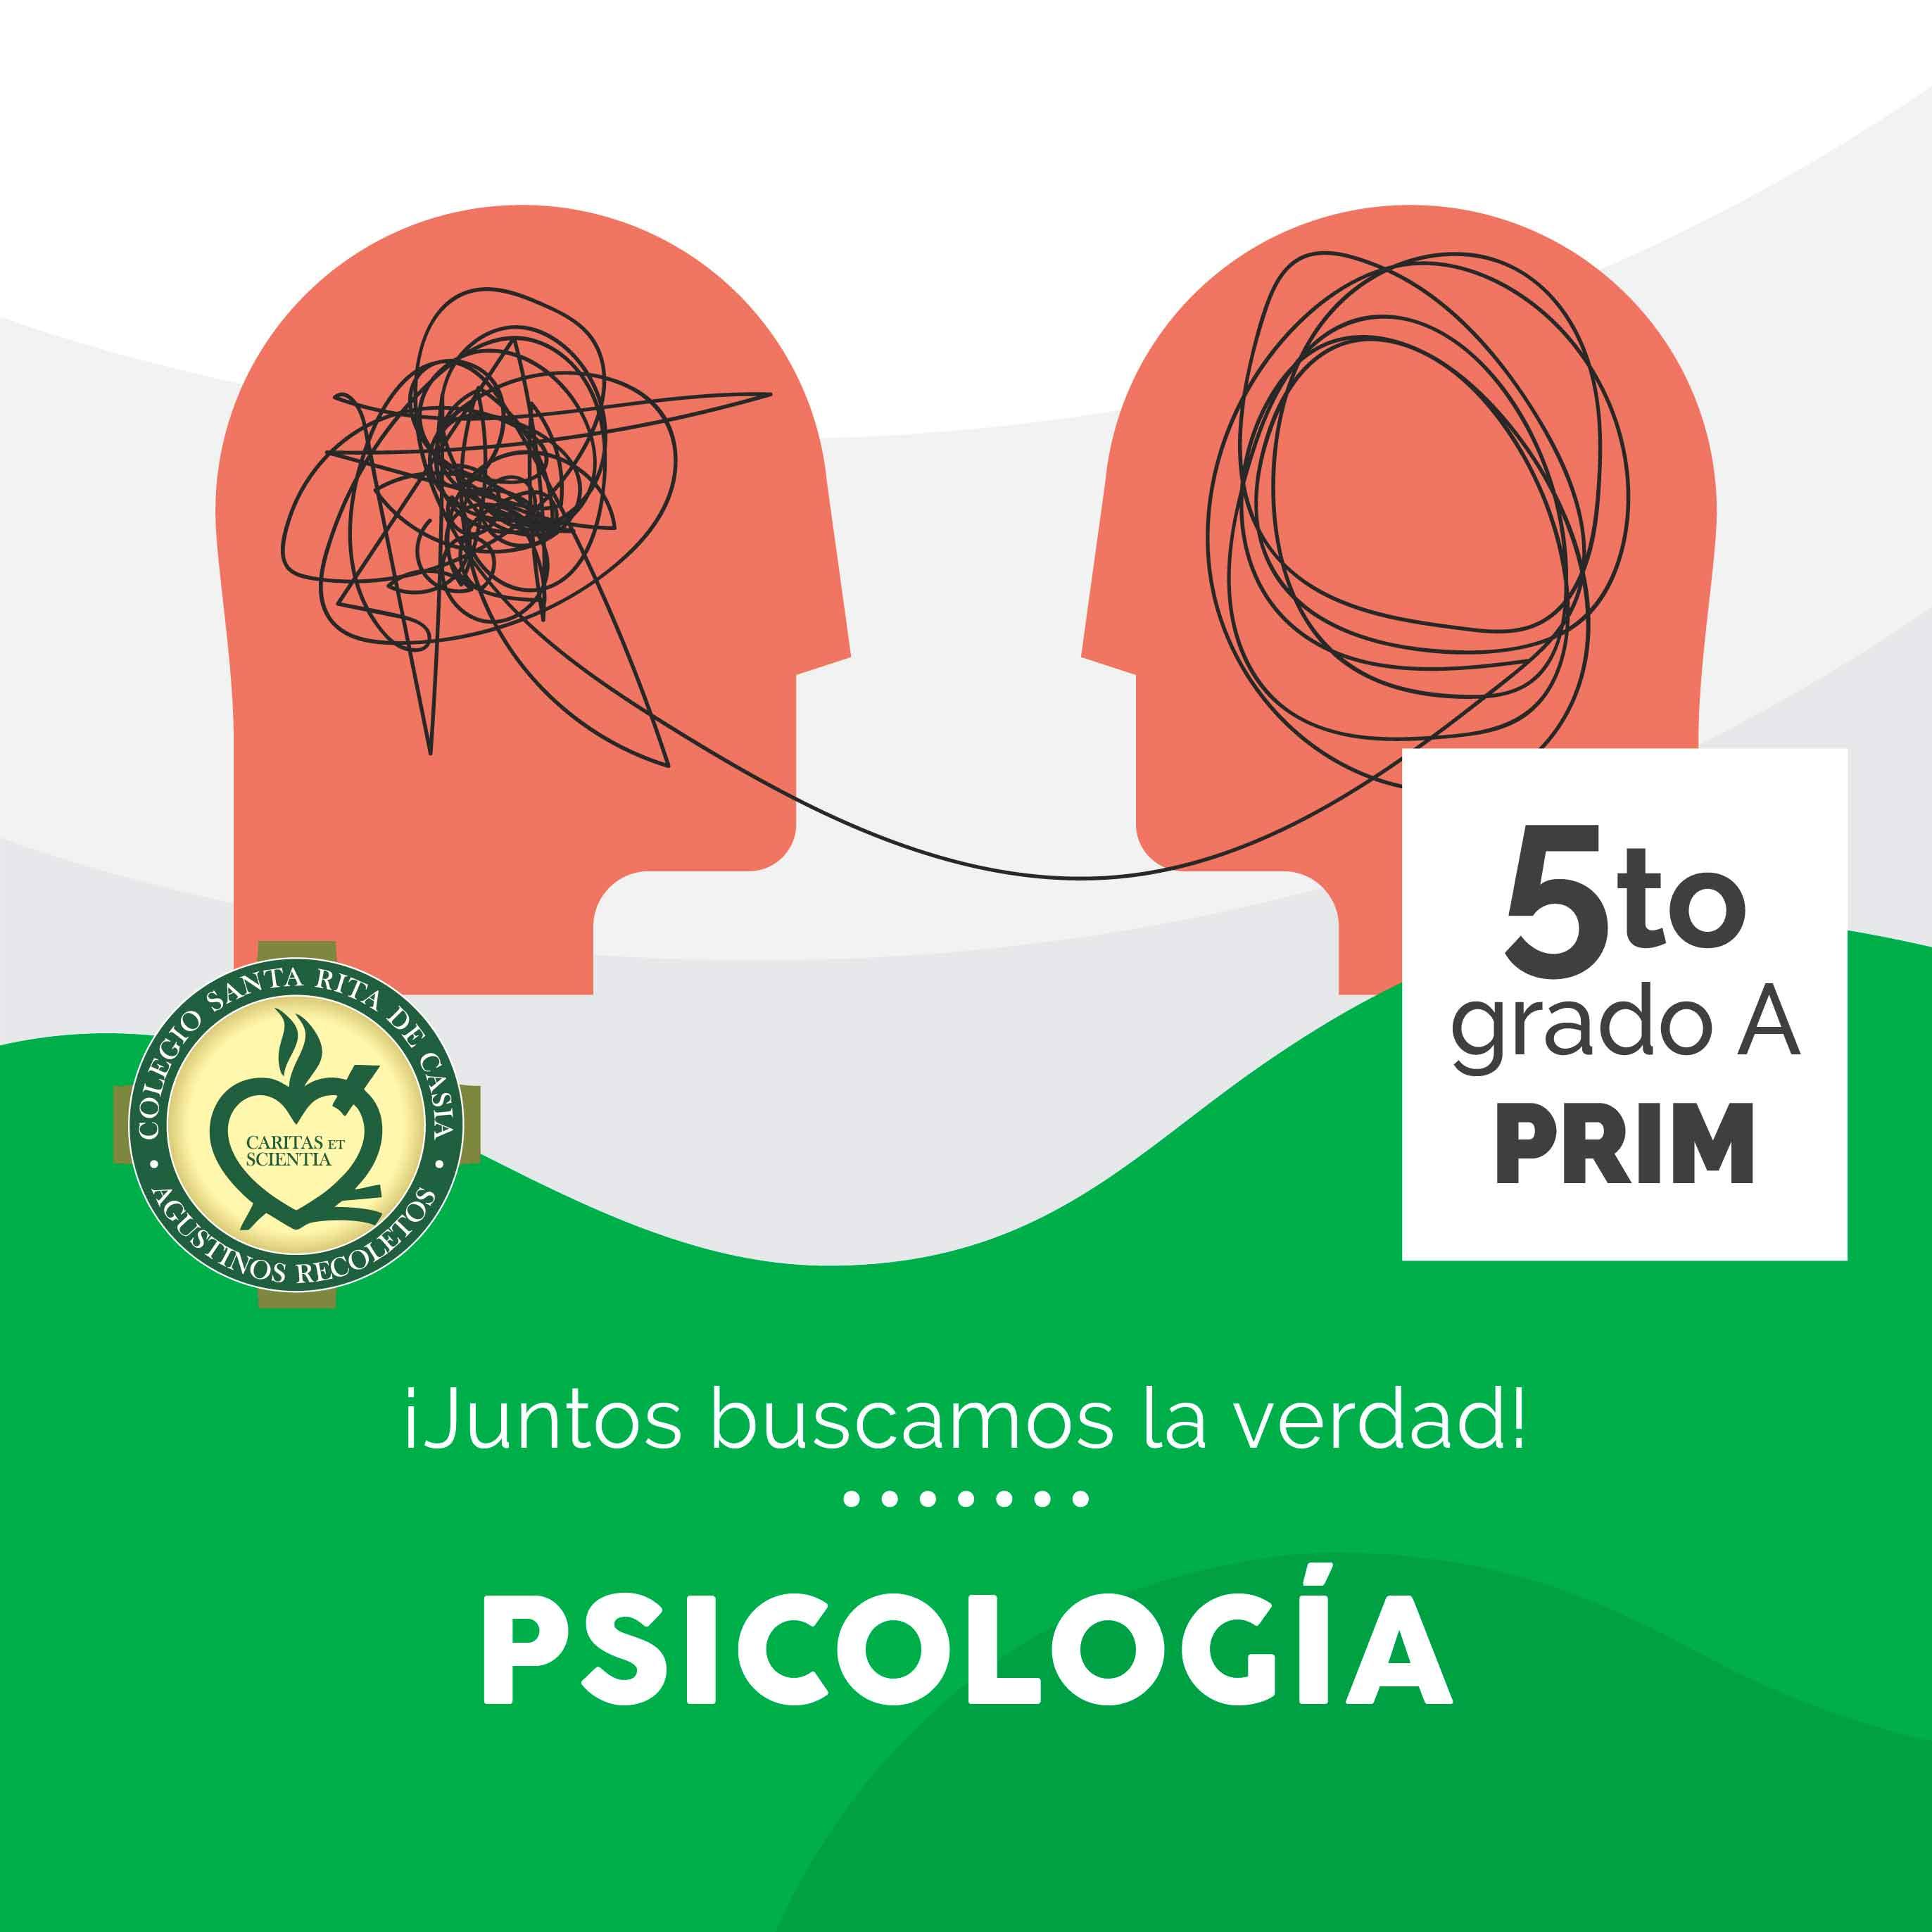 Psicología 5to Grado A